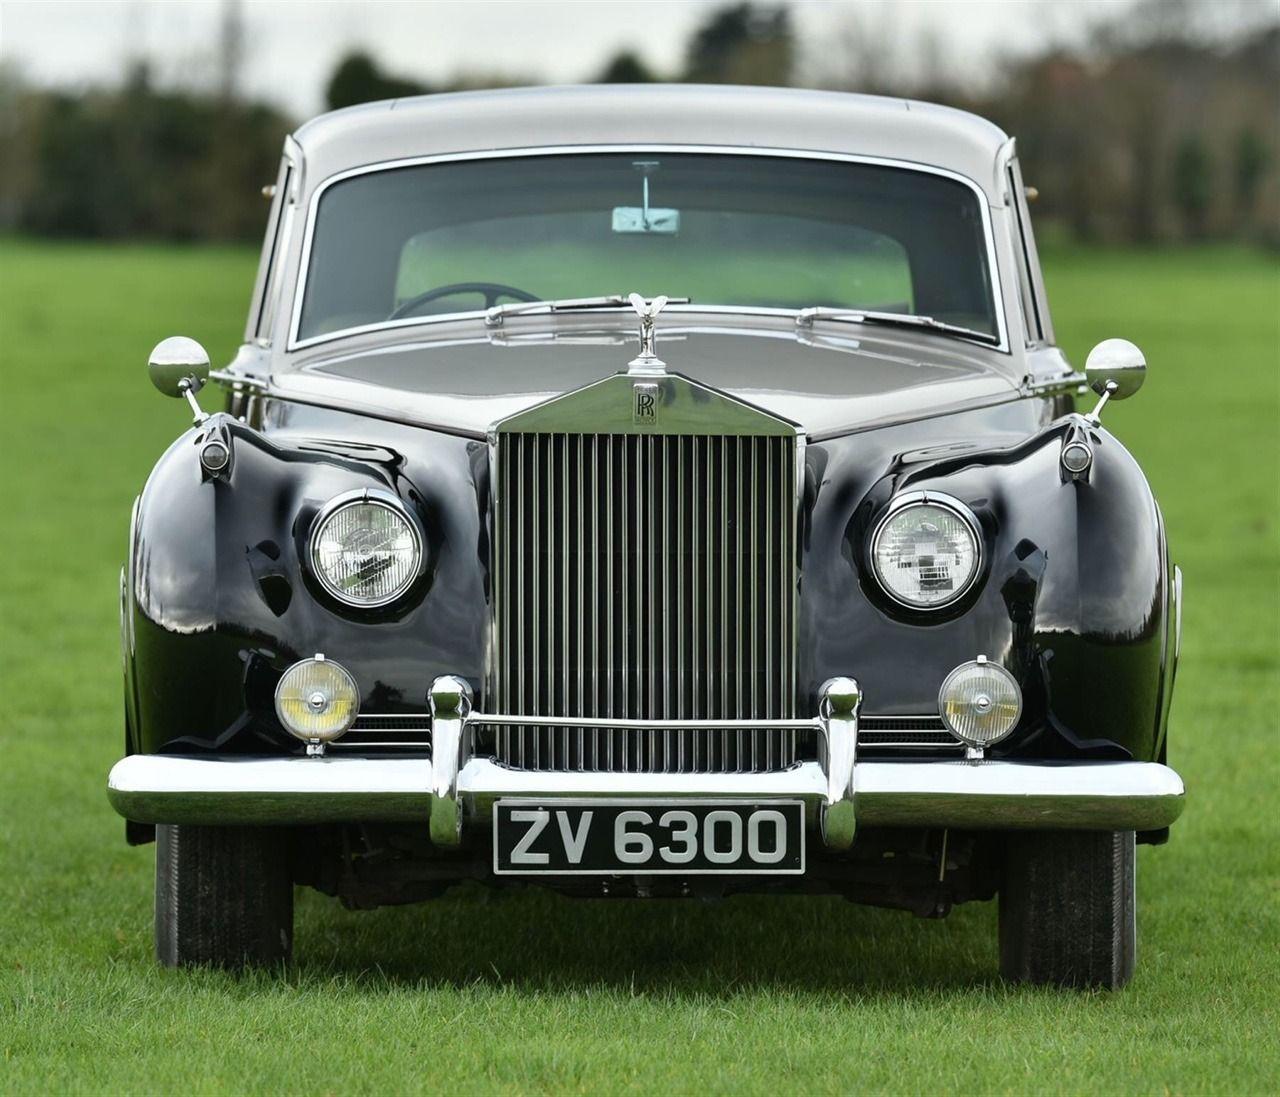 1962 Rolls Royce Silver Cloud Ii Rolls Royce Rolls Royce